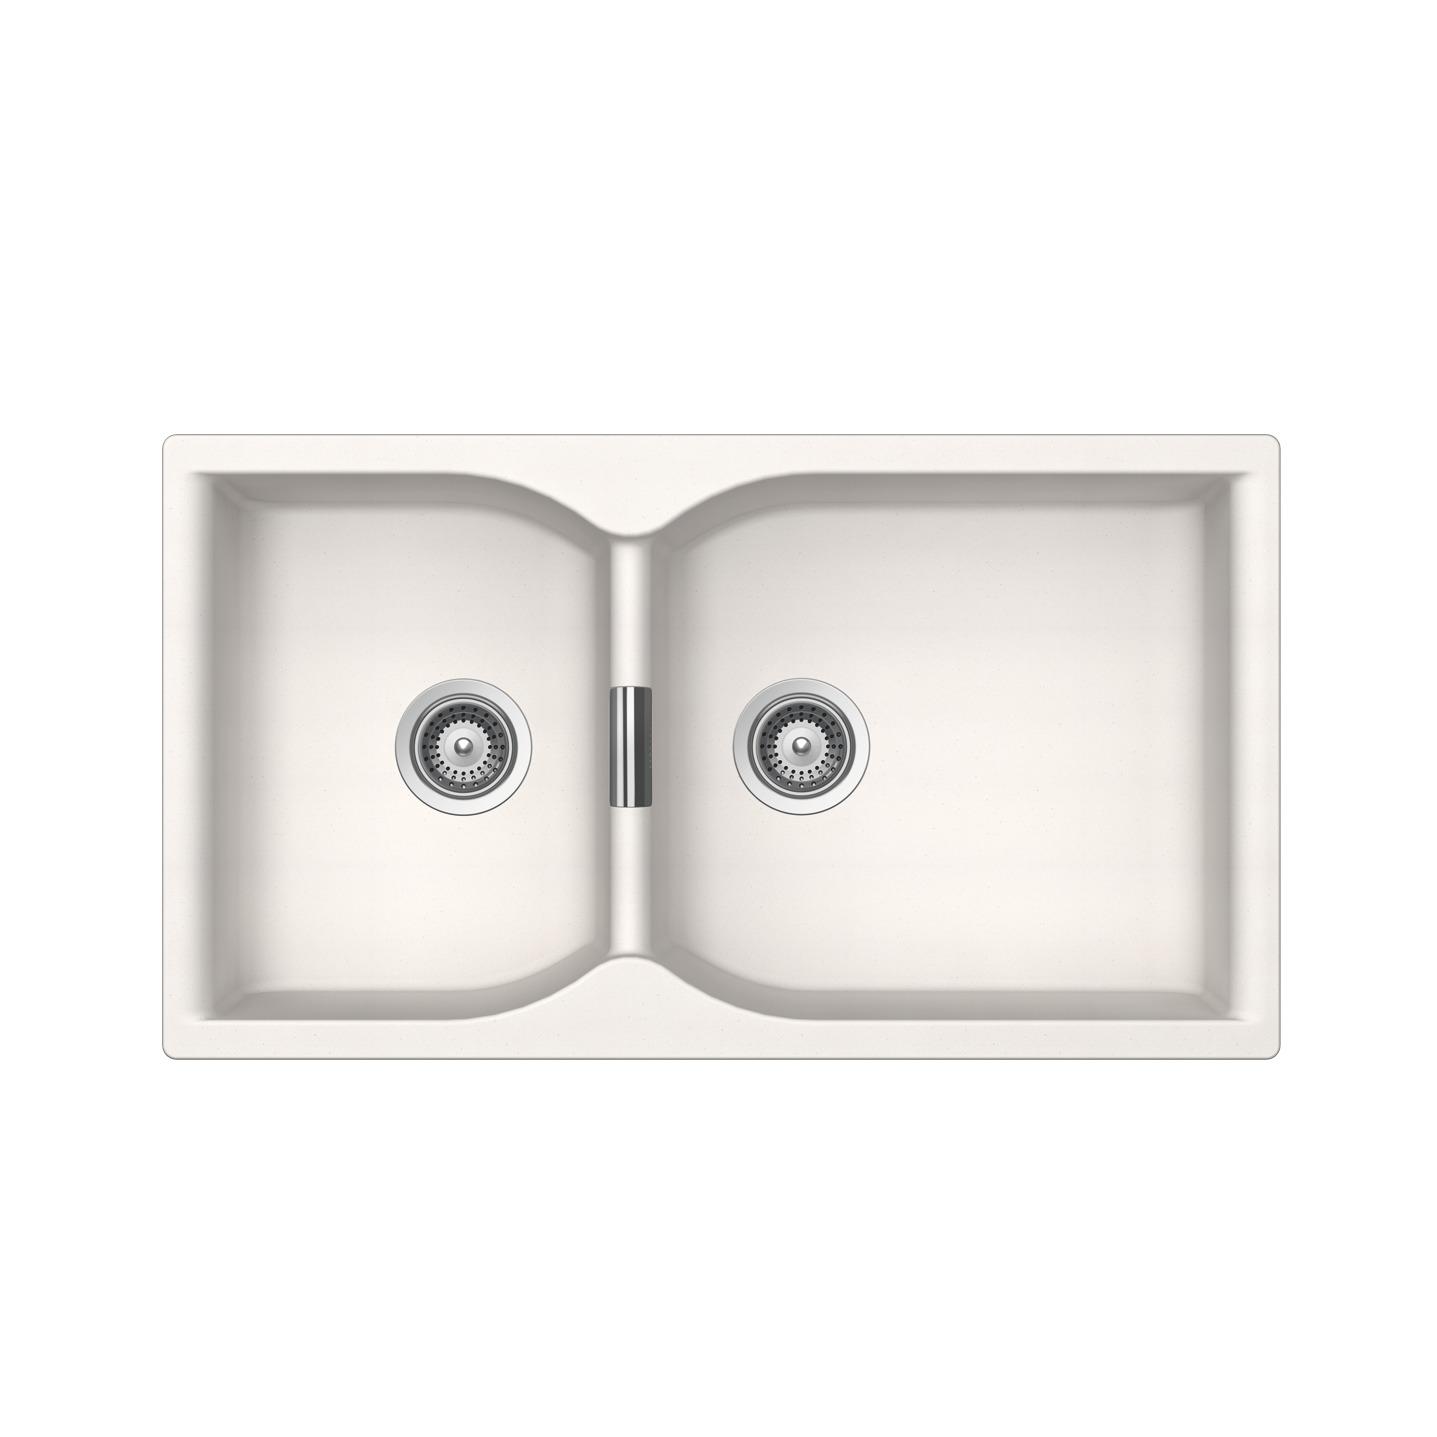 厨房垃圾处理器品牌_雅生 水槽: AXOR made by Schock, 嵌入式水槽, 43005100